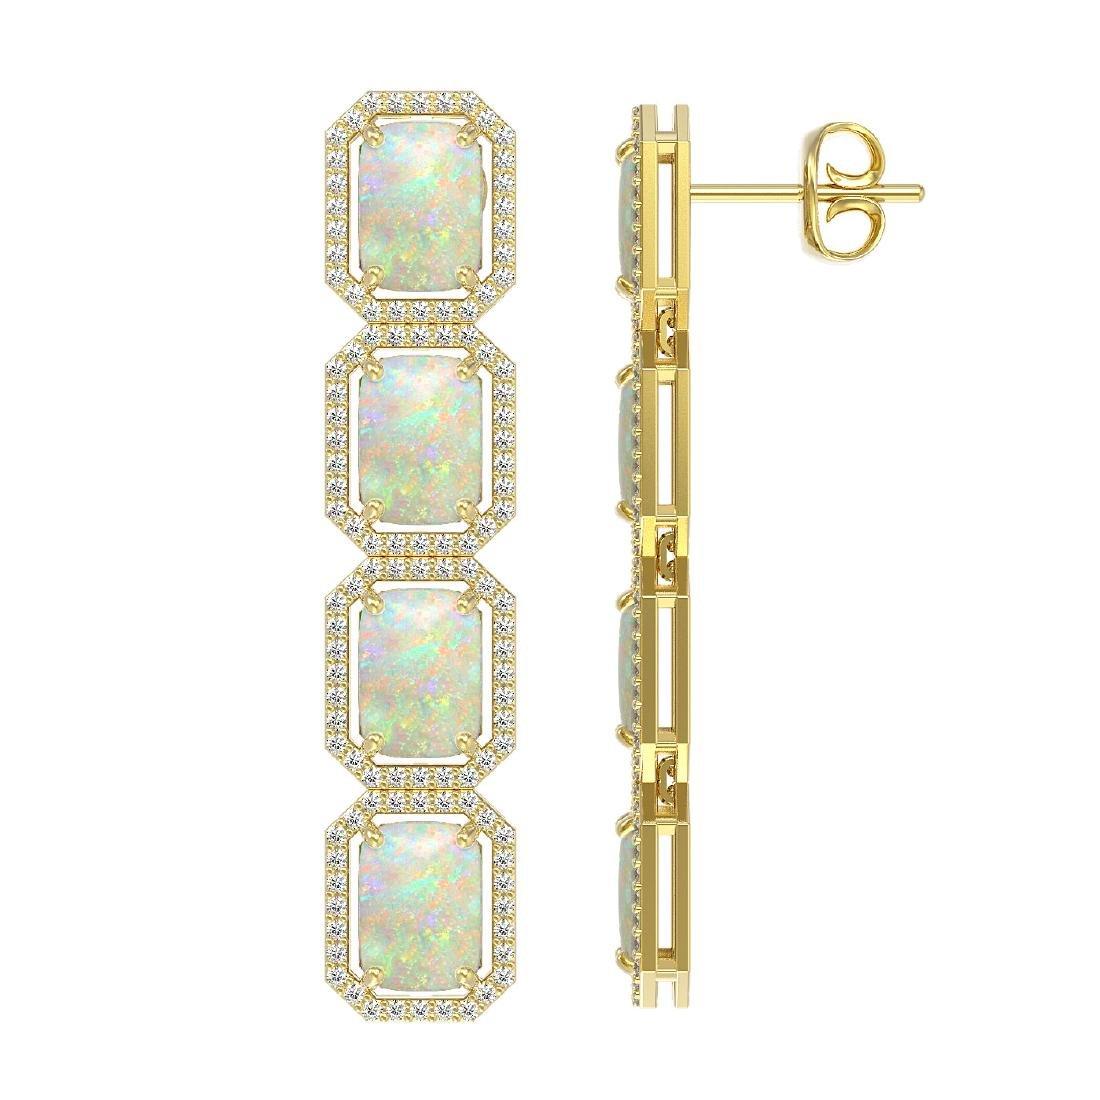 12.99 CTW Opal & Diamond Halo Earrings 10K Yellow Gold - 2